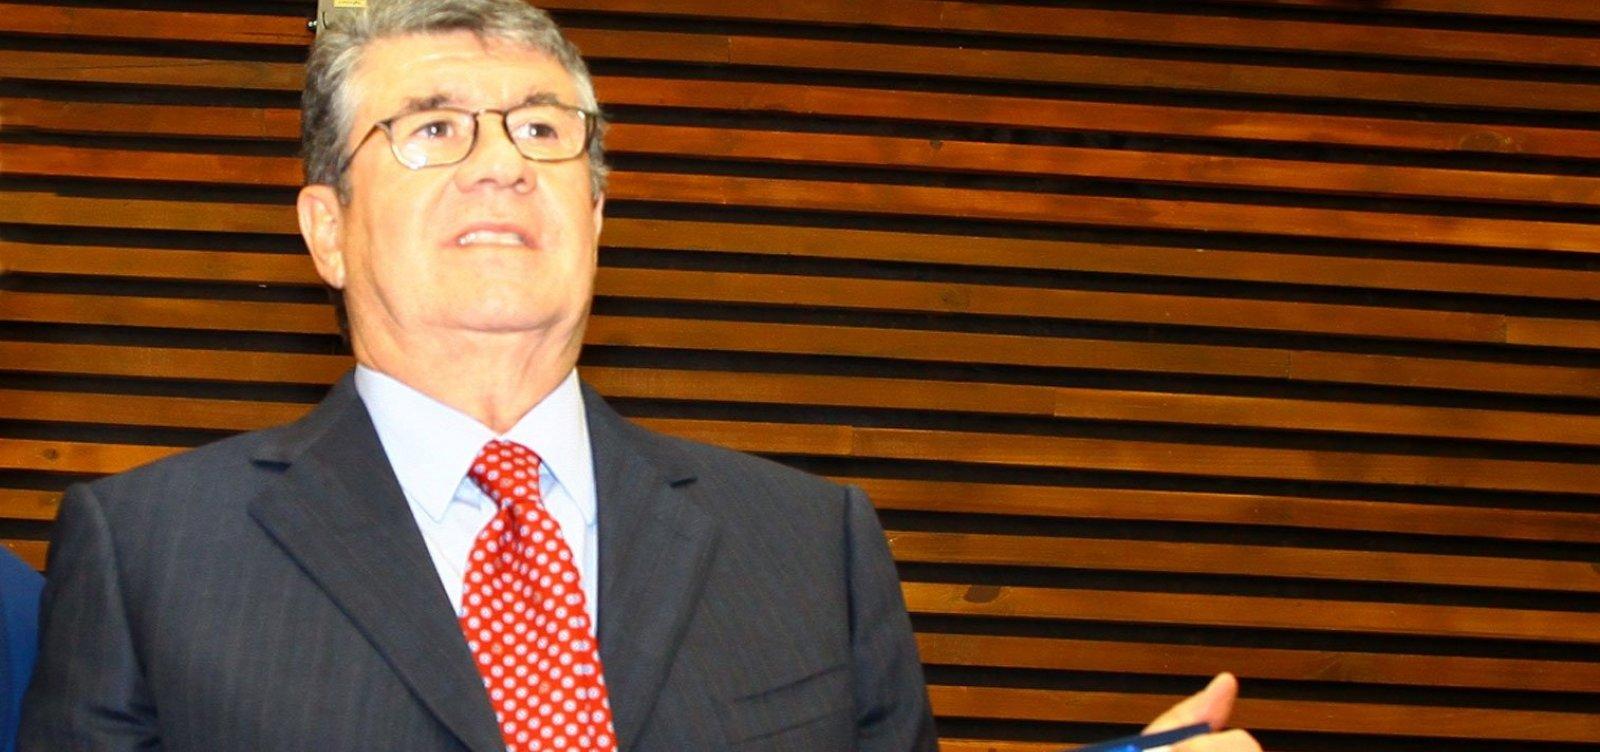 [Maior doador individual do país prioriza PSDB, DEM e MDB e candidatos a reeleição]